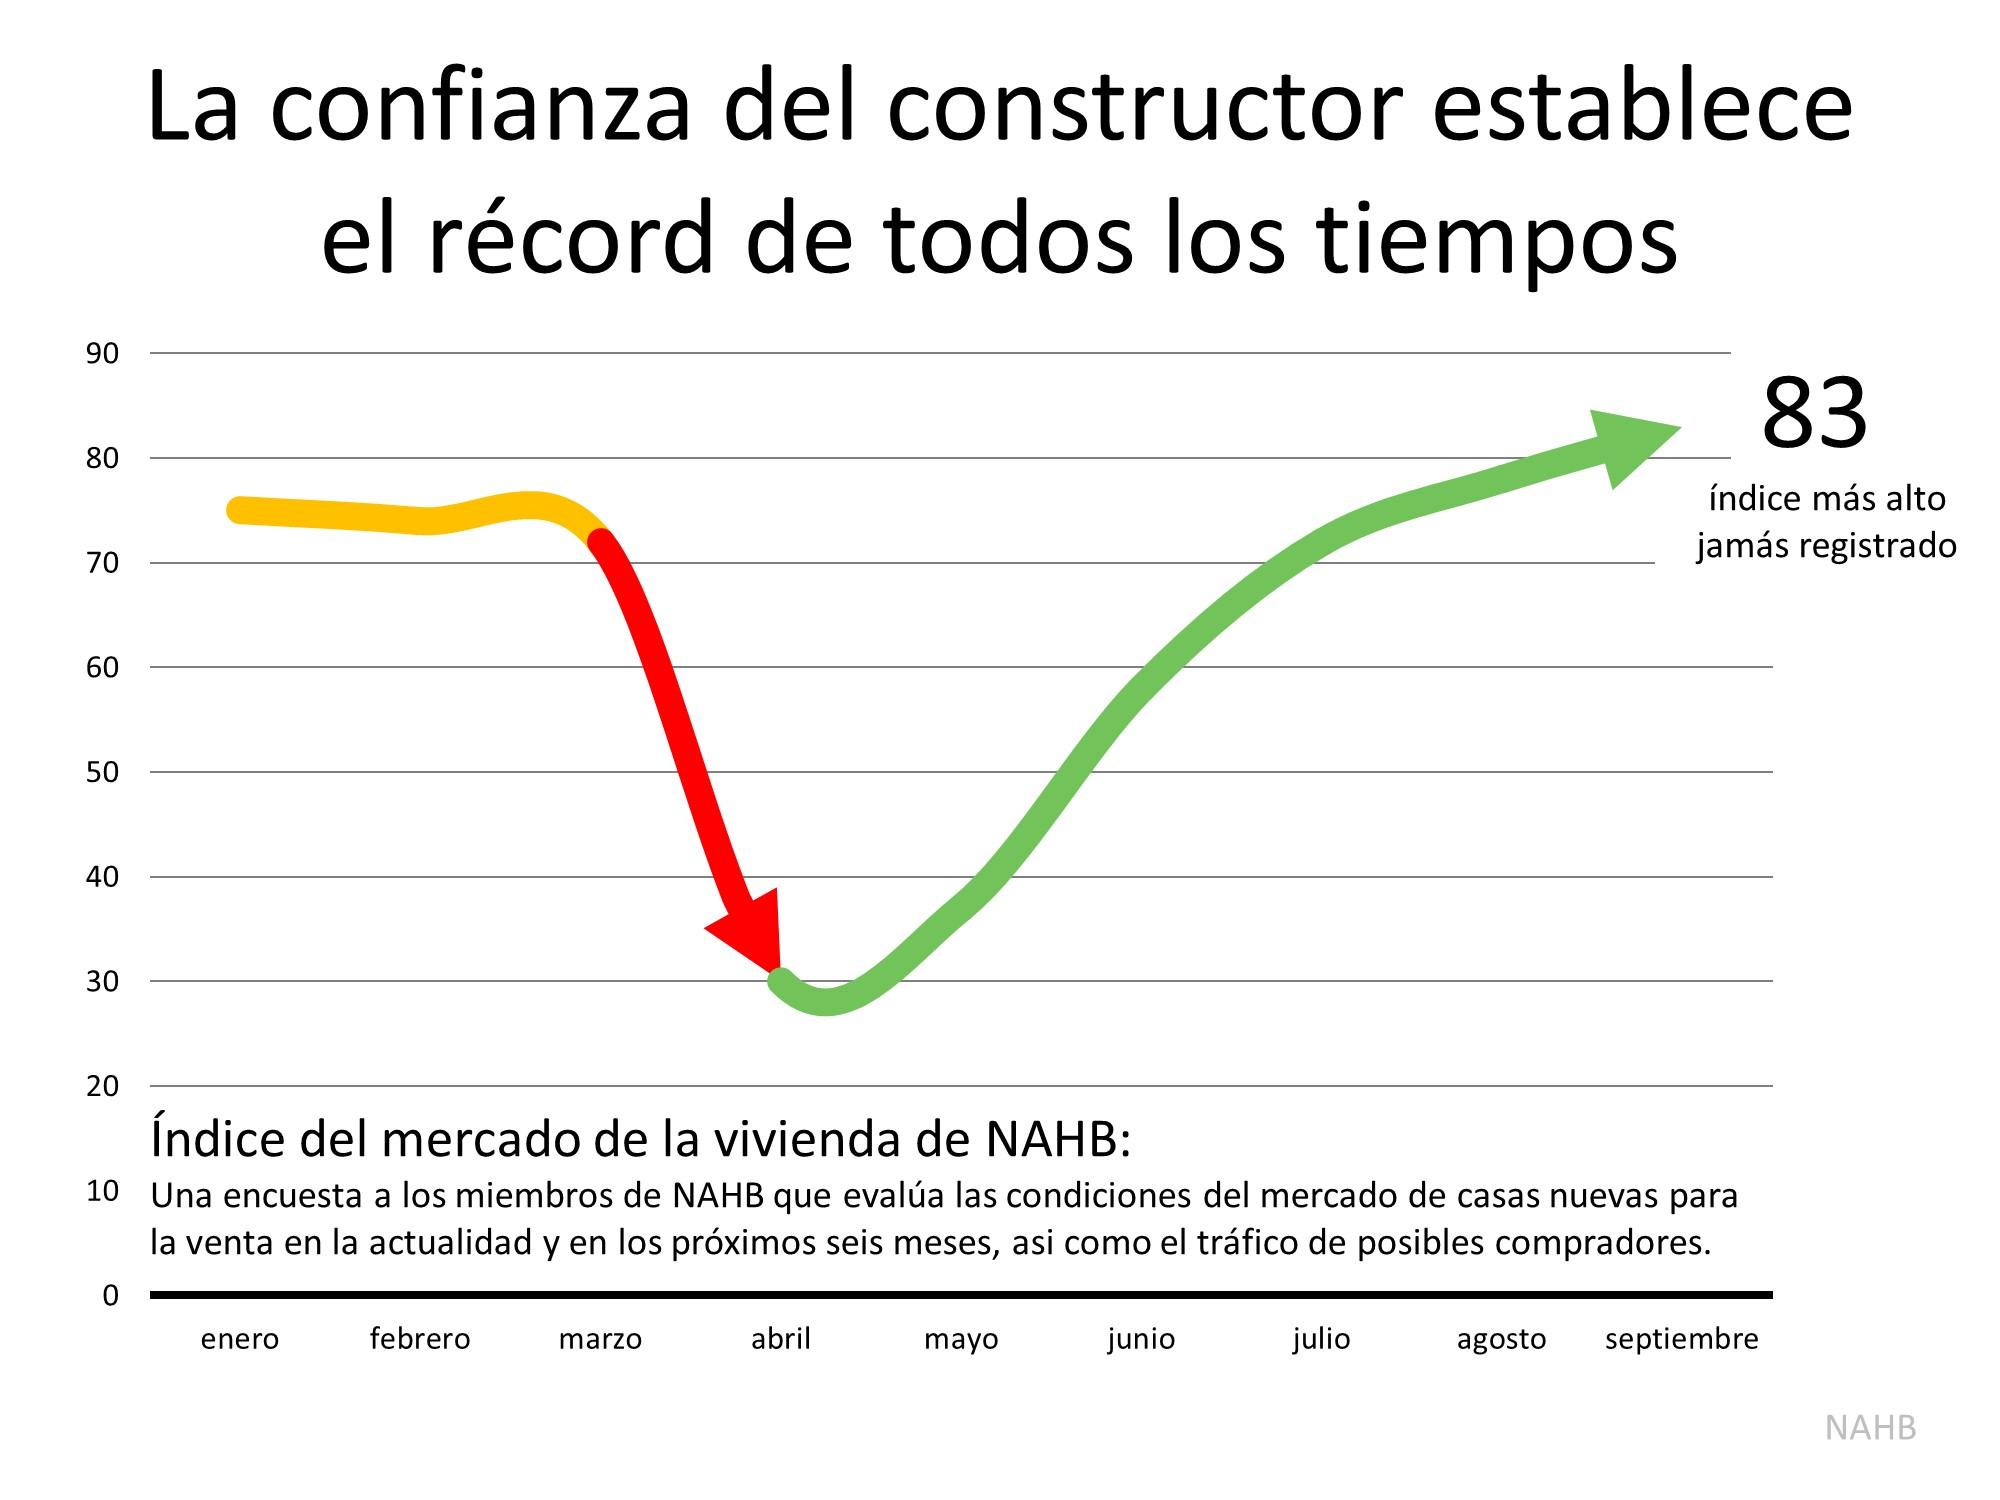 La confianza de los constructores de vivienda alcanzó un máximo histórico | Simplifying The Market